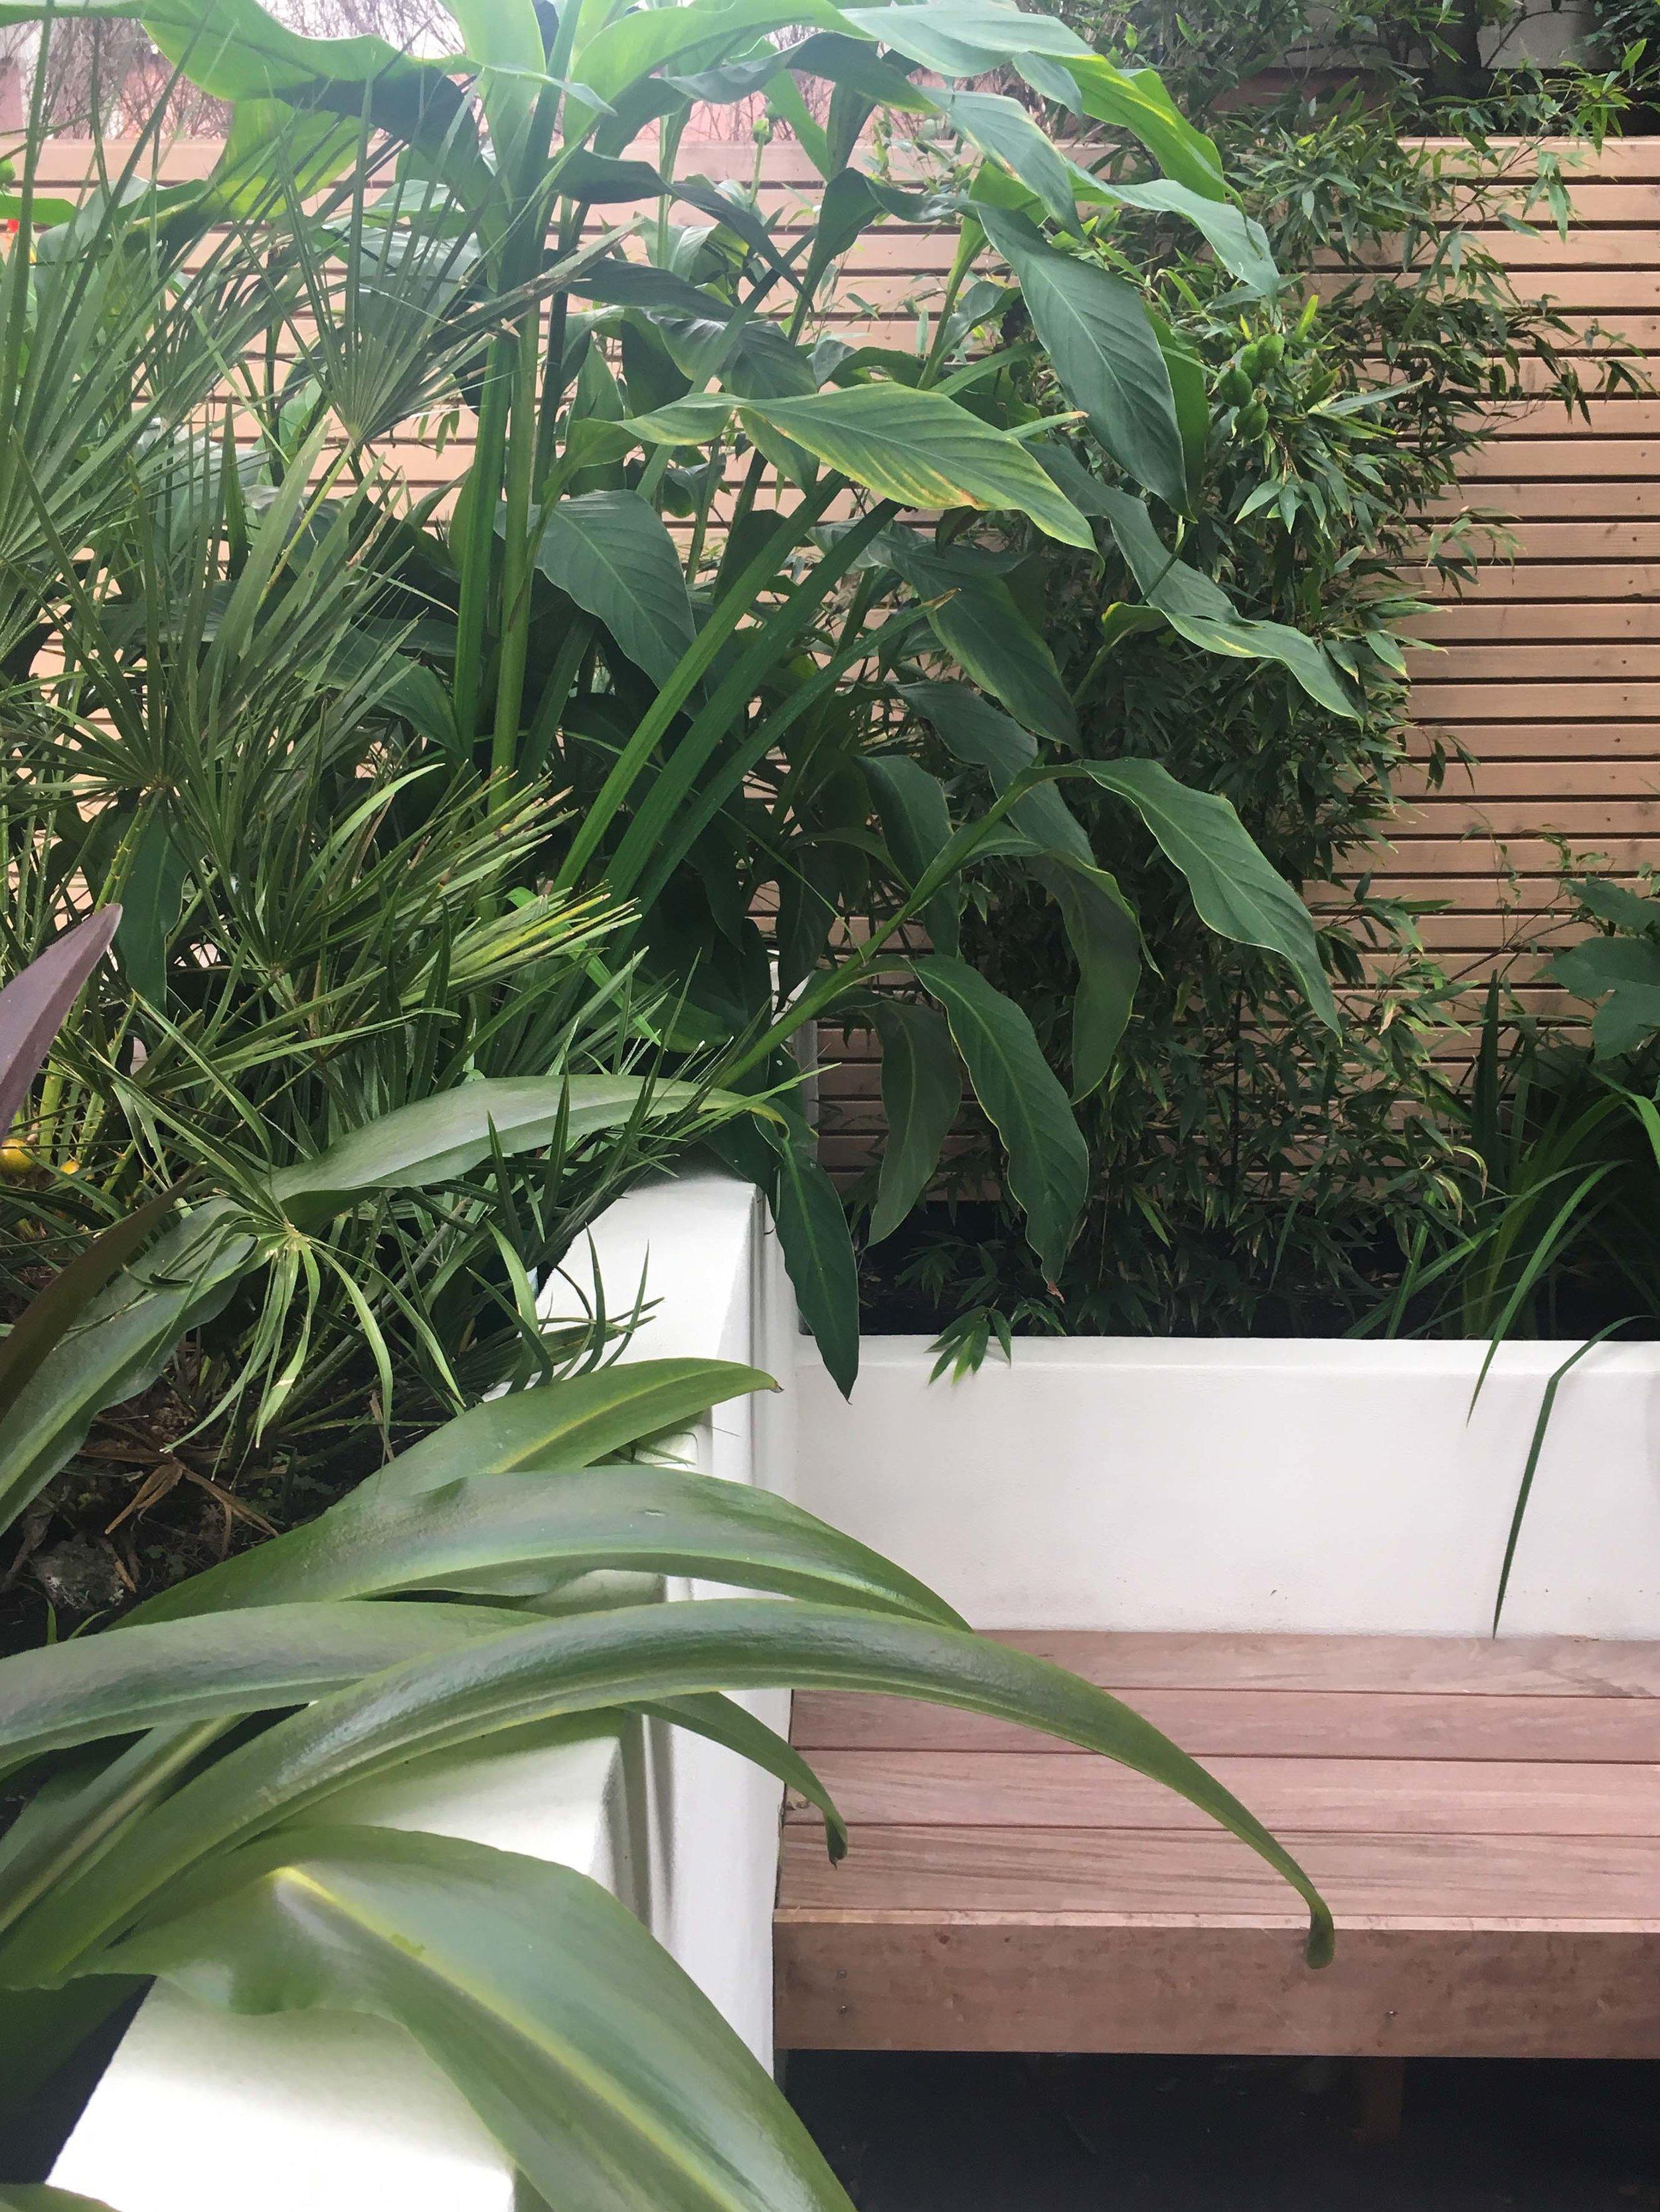 Tuinontwerp met een jungle gevoell